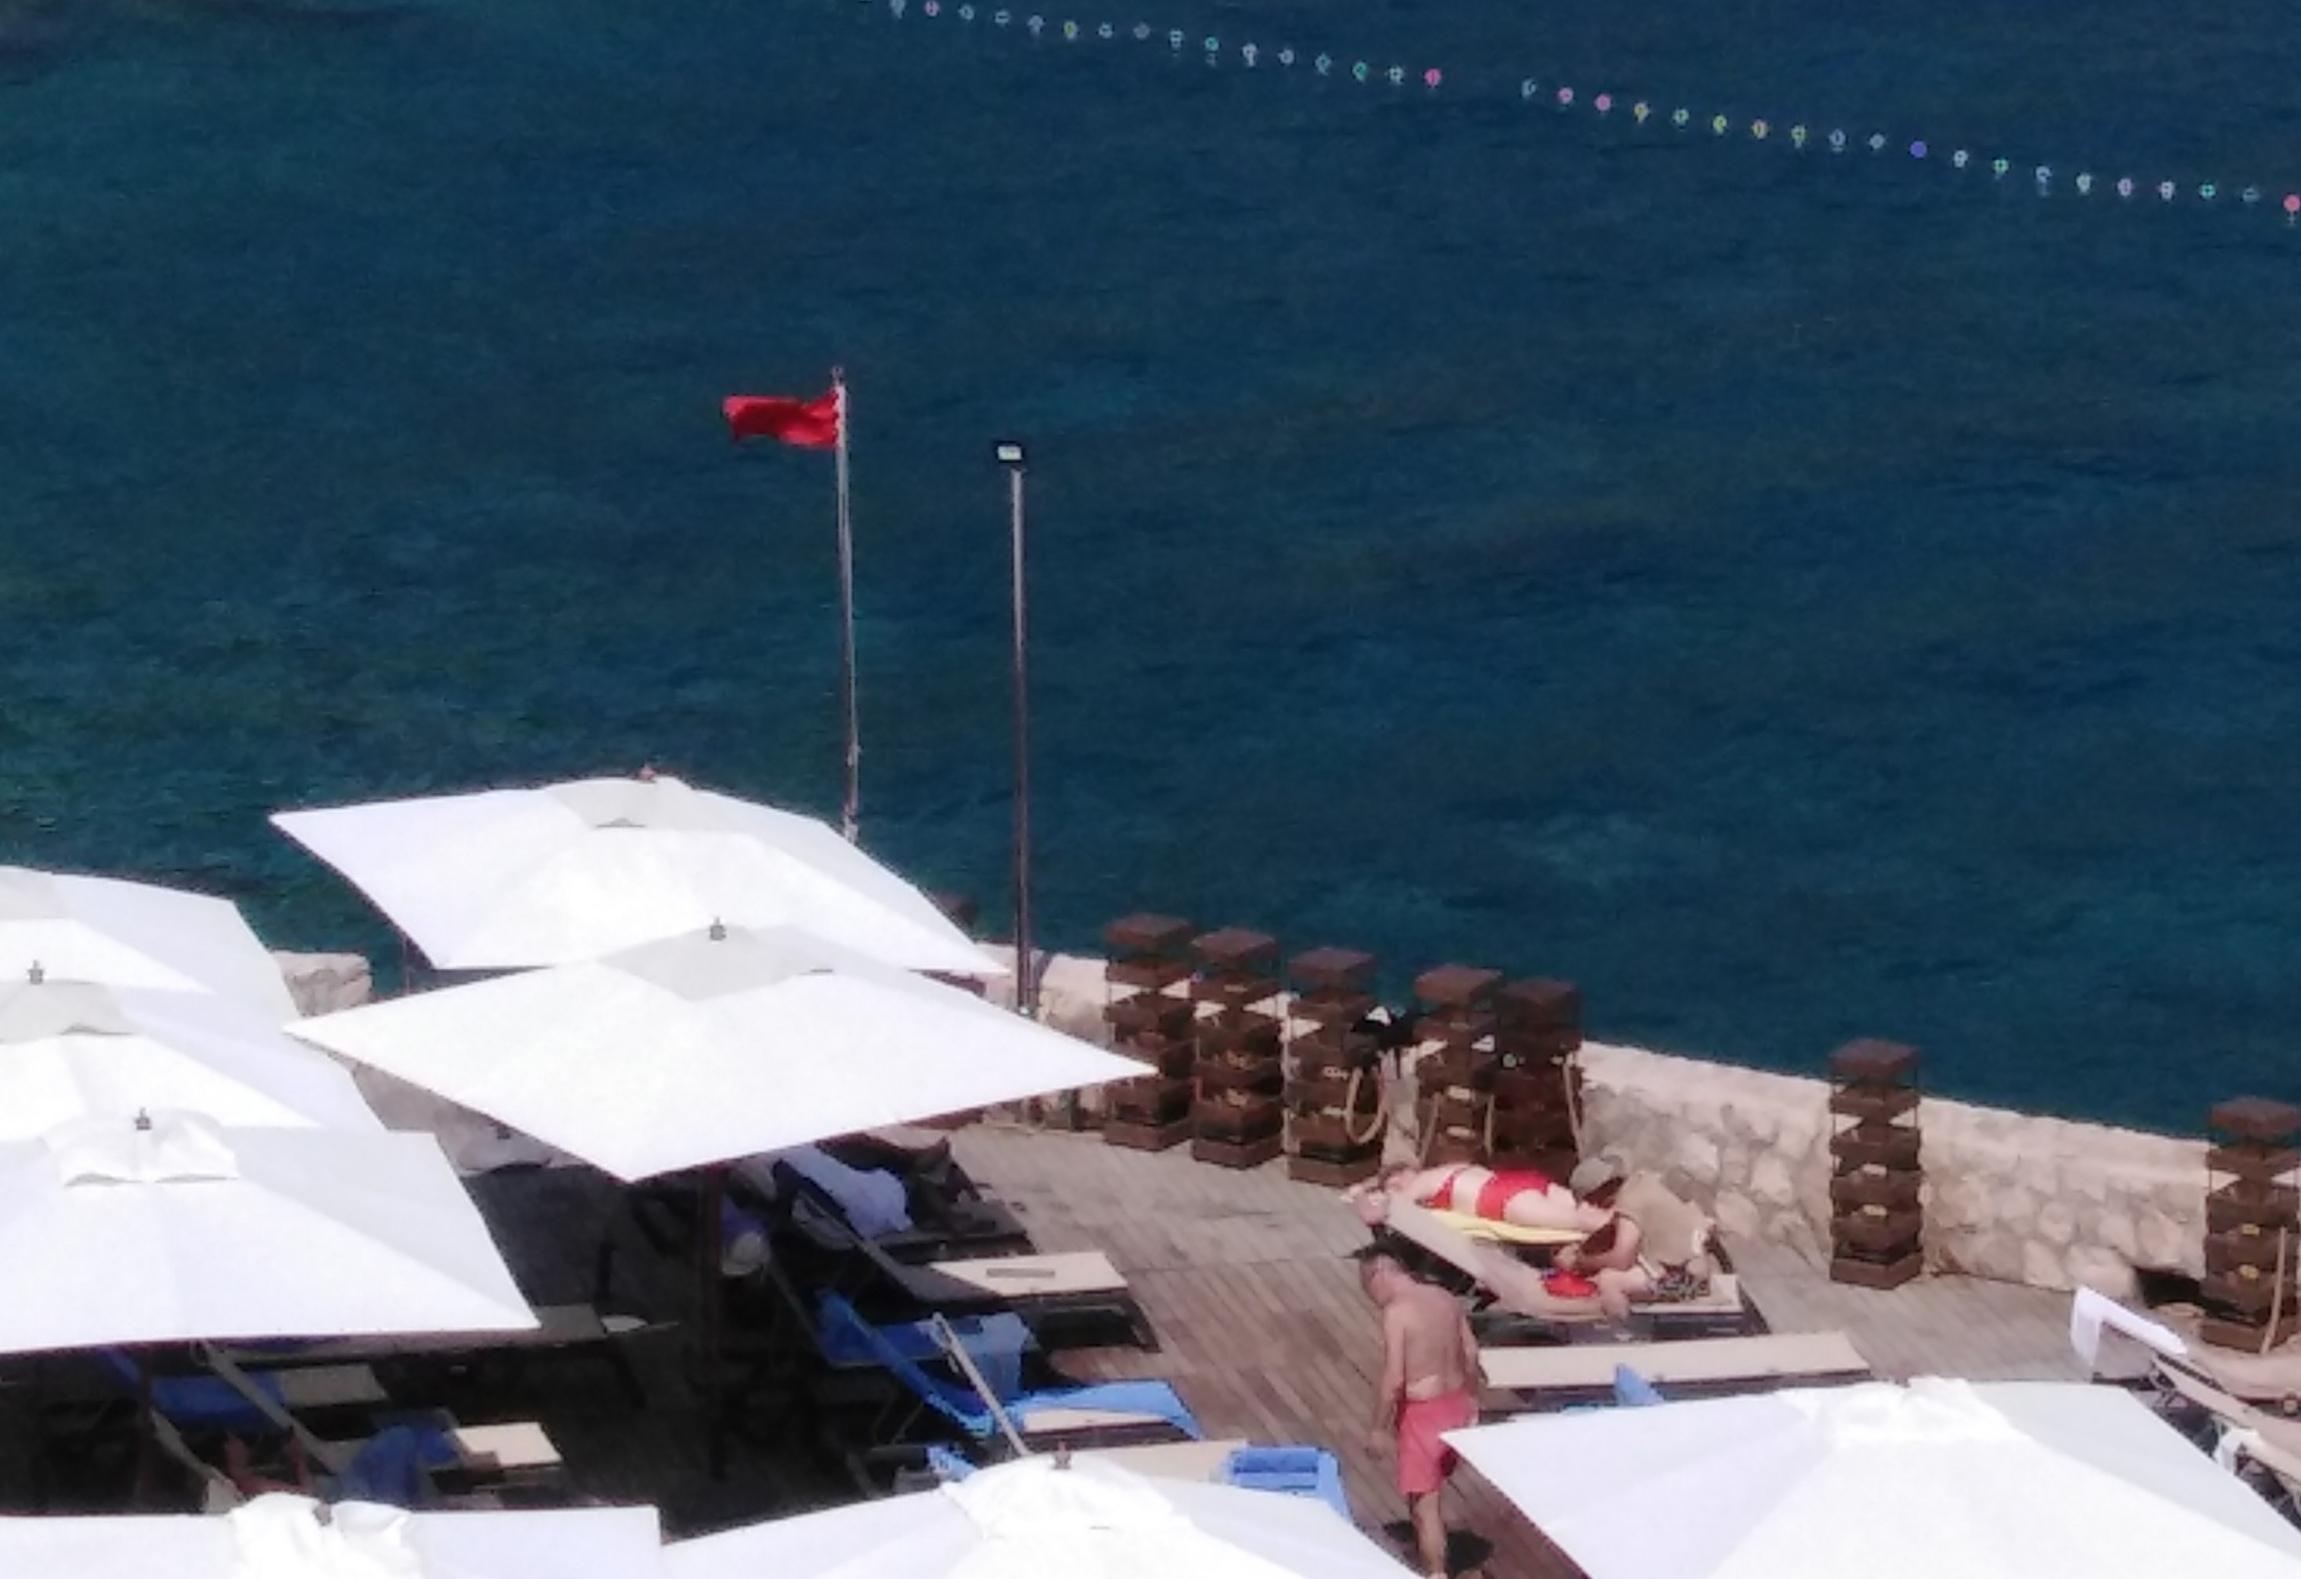 I TO SMO DOČEKALI: crvena zastava zbog onečišćenja mora?